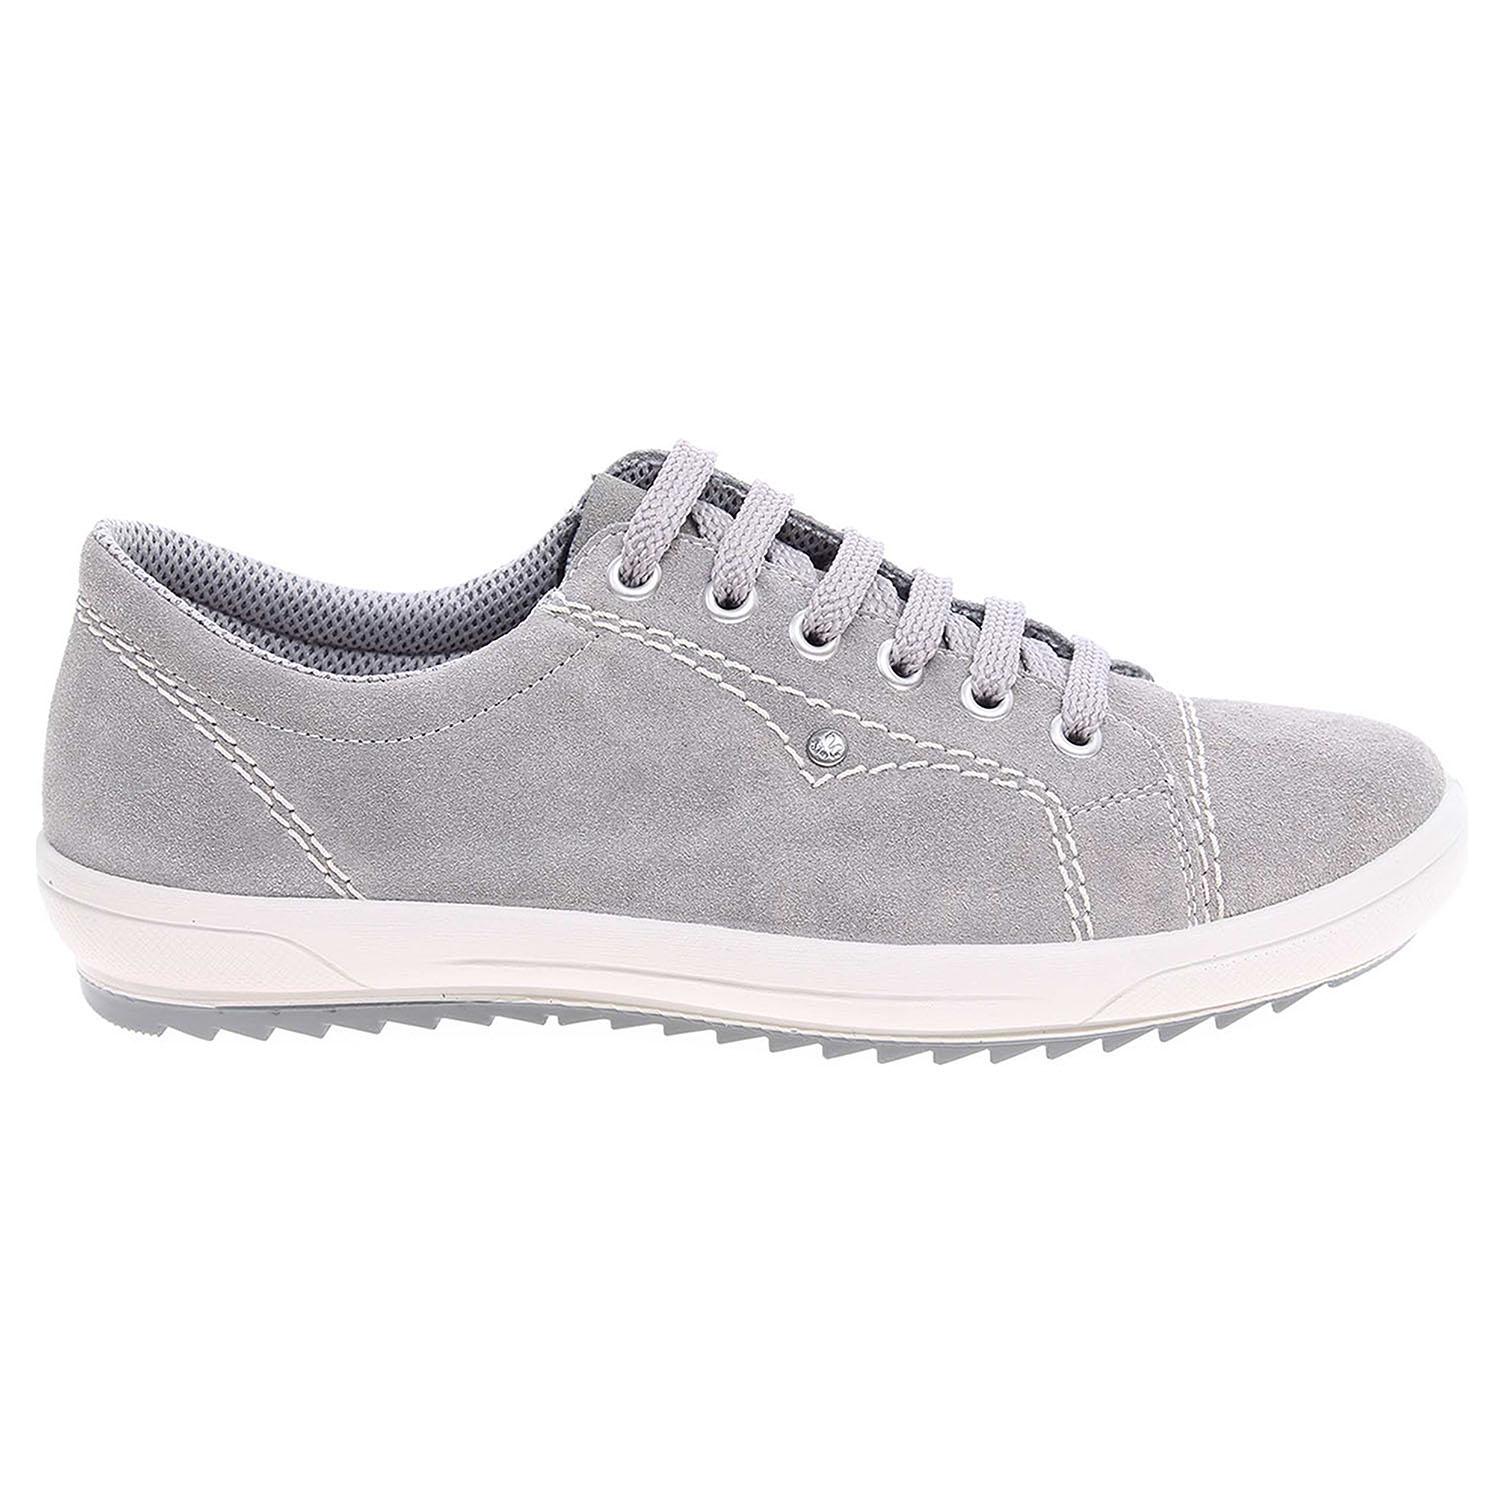 Ecco Rieker dámská obuv M6014-42 šedá 23200597 12dbf8175e1